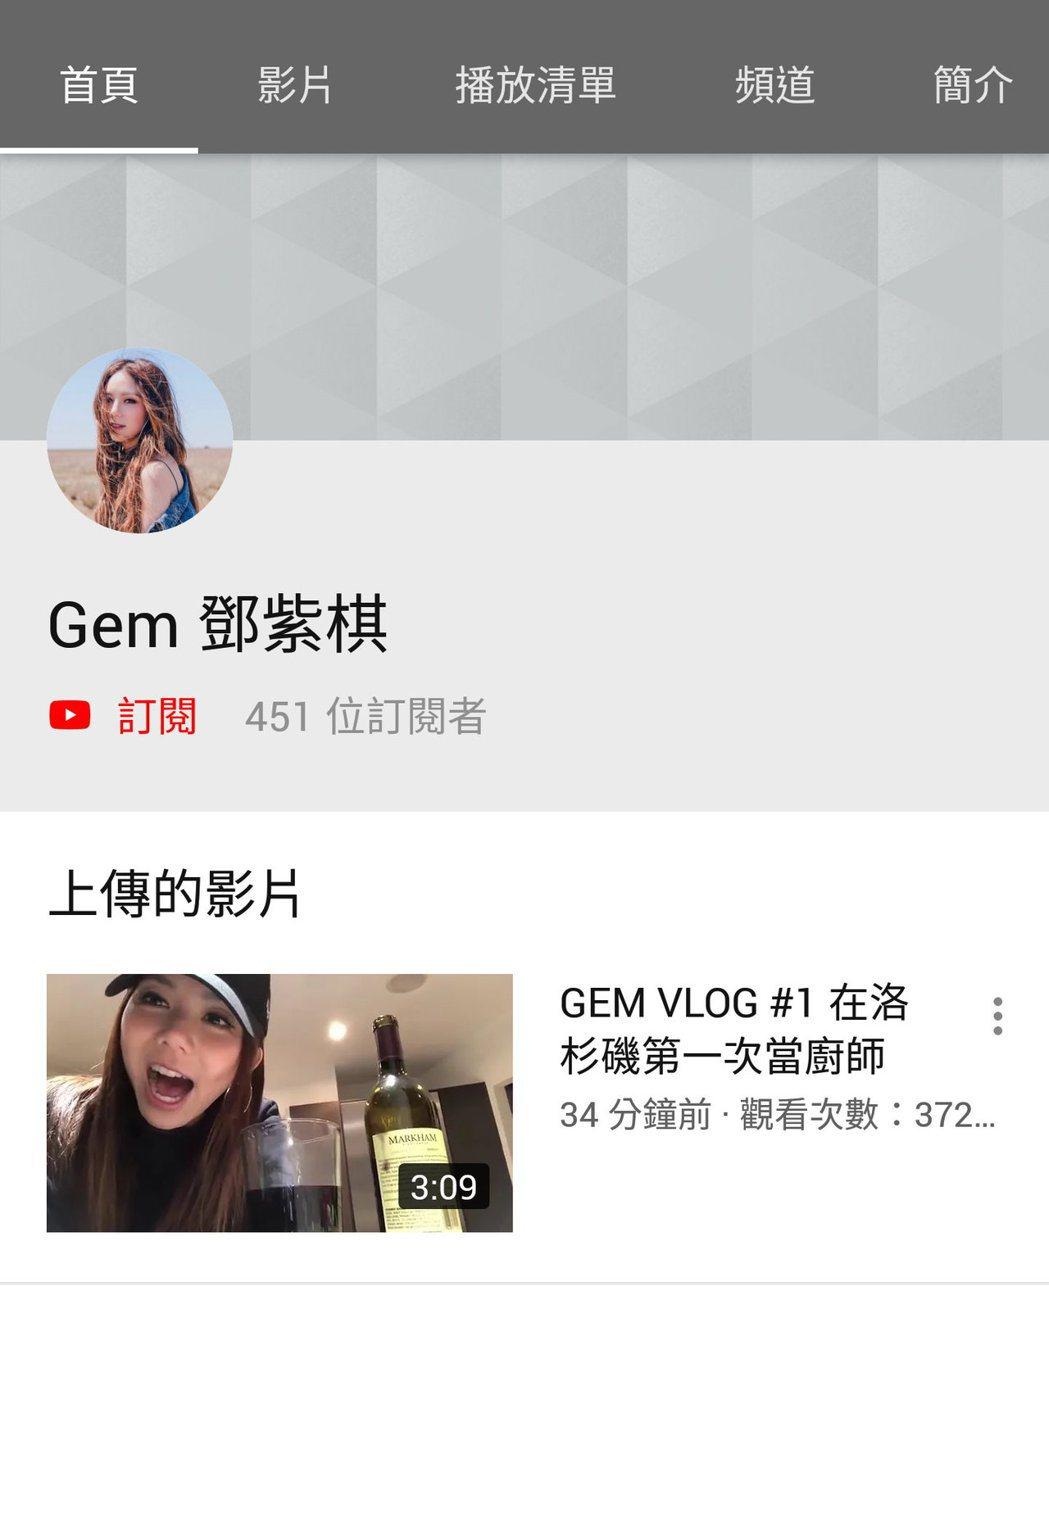 鄧紫棋重新開設Youtube頻道。 圖/擷自鄧紫棋Youtube